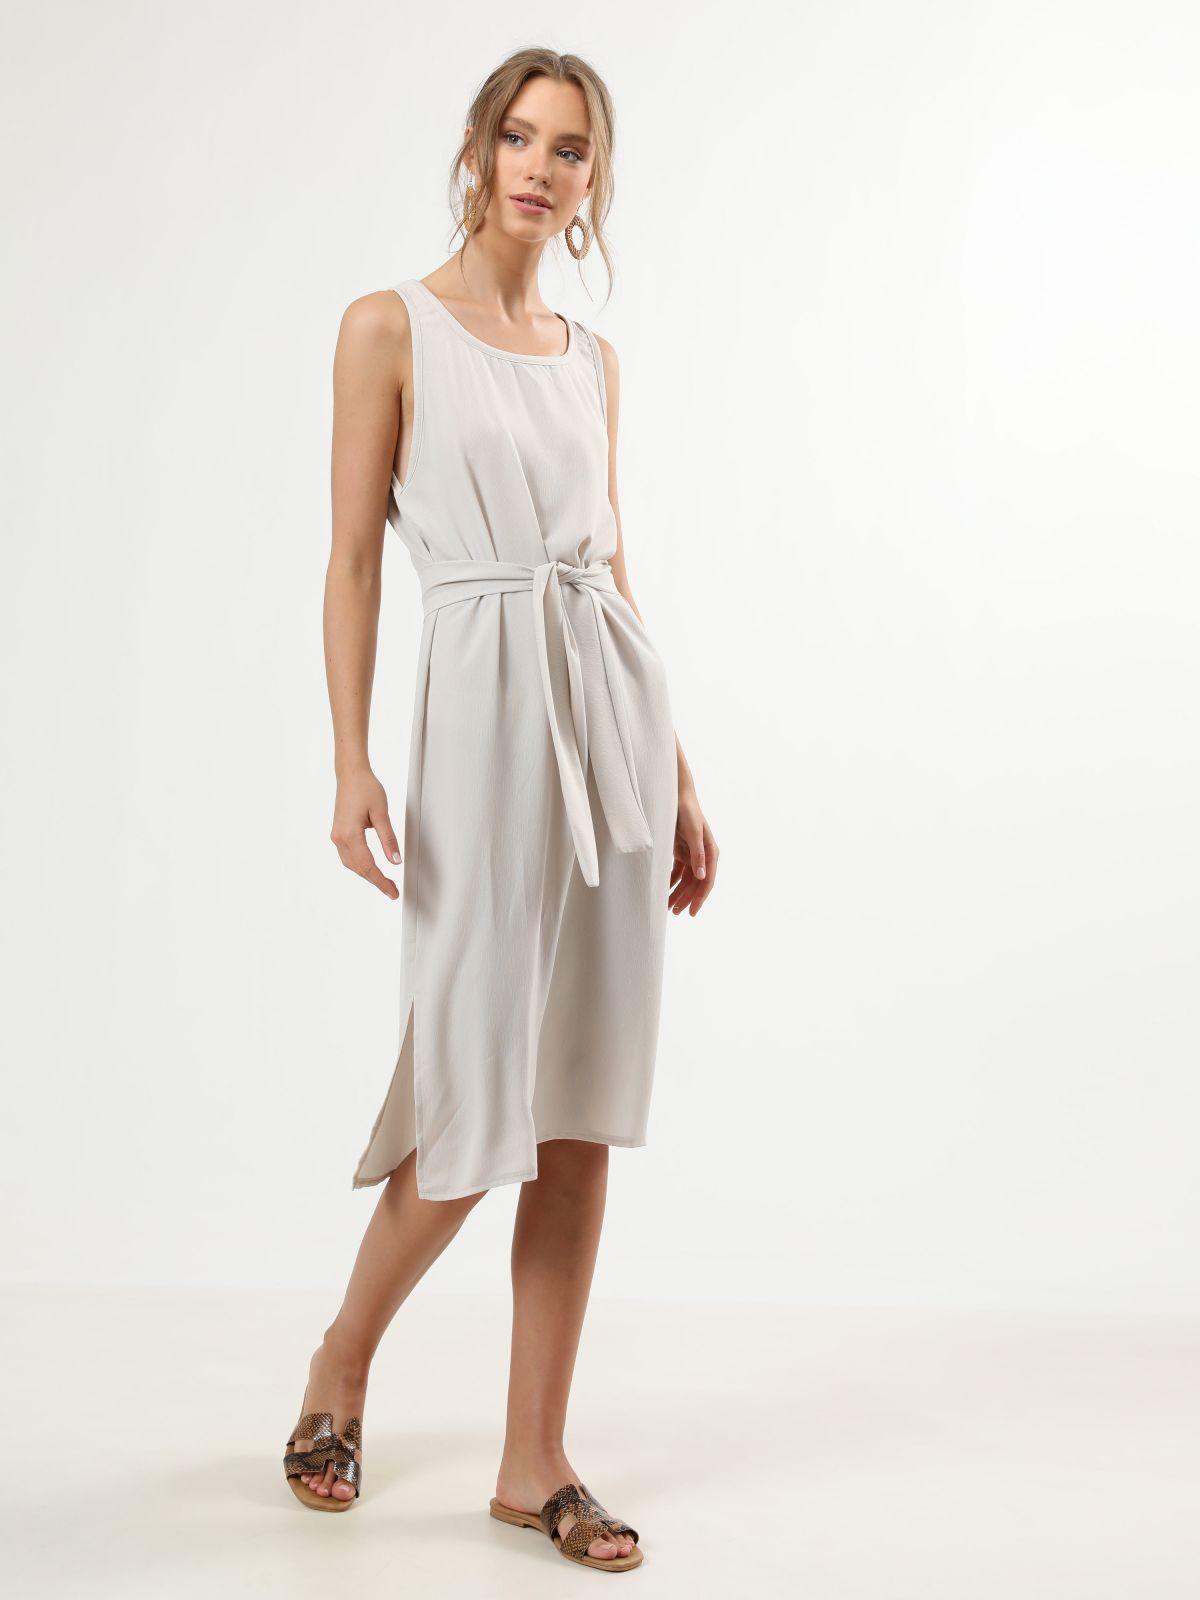 שמלת מידי ללא שרוולים עם חגורת קשירה במותןשמלת מידי ללא שרוולים עם חגורת קשירה במותן של TERMINAL X